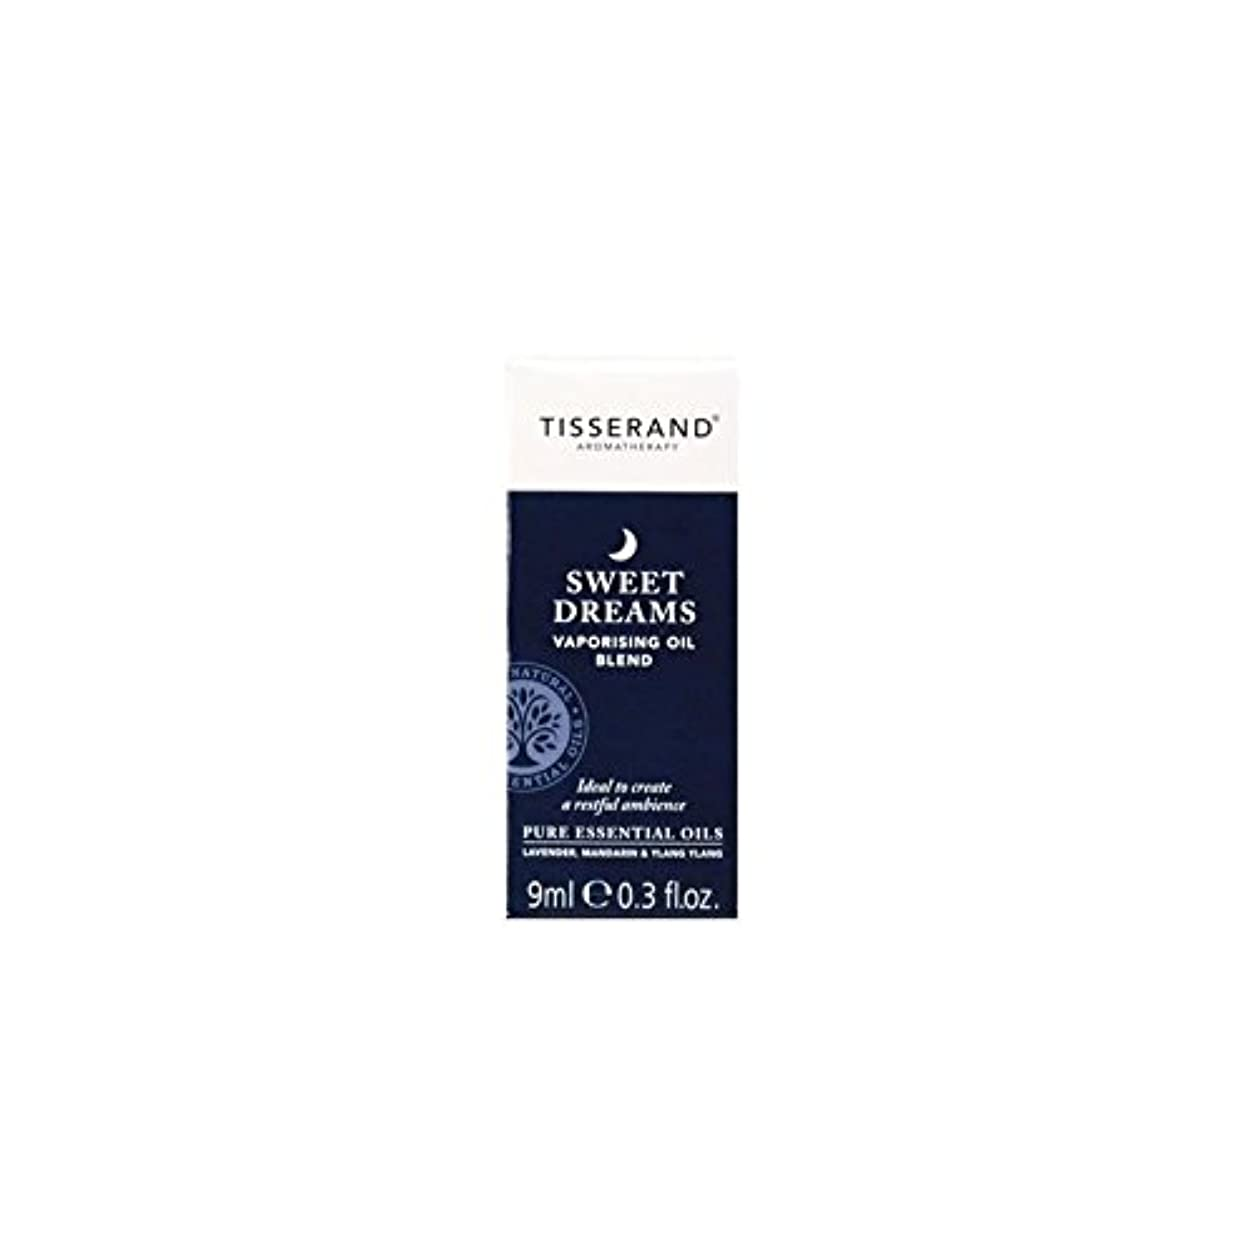 不正確骨食品オイル9ミリリットルを気化甘い夢 (Tisserand) (x 2) - Tisserand Sweet Dreams Vaporising Oil 9ml (Pack of 2) [並行輸入品]